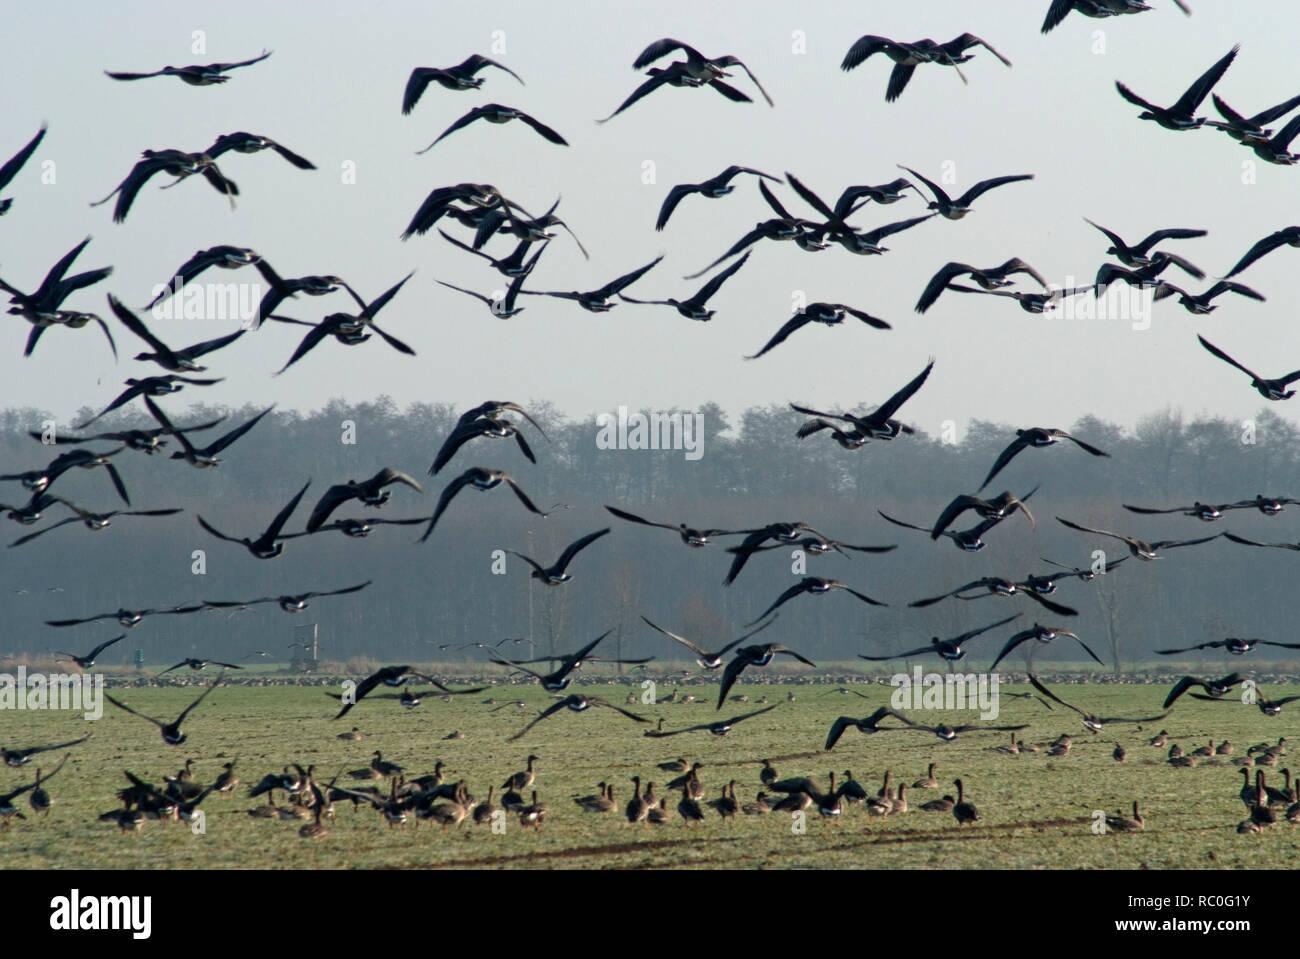 Wildgänse auf dem Darss, Fischland-Darss-Zingst, Mecklenburg-Vorpommern, Deutschland, Europa   wild geese, Fischland-Darss-Zingst, Mecklenburg-Vorpomm Stock Photo